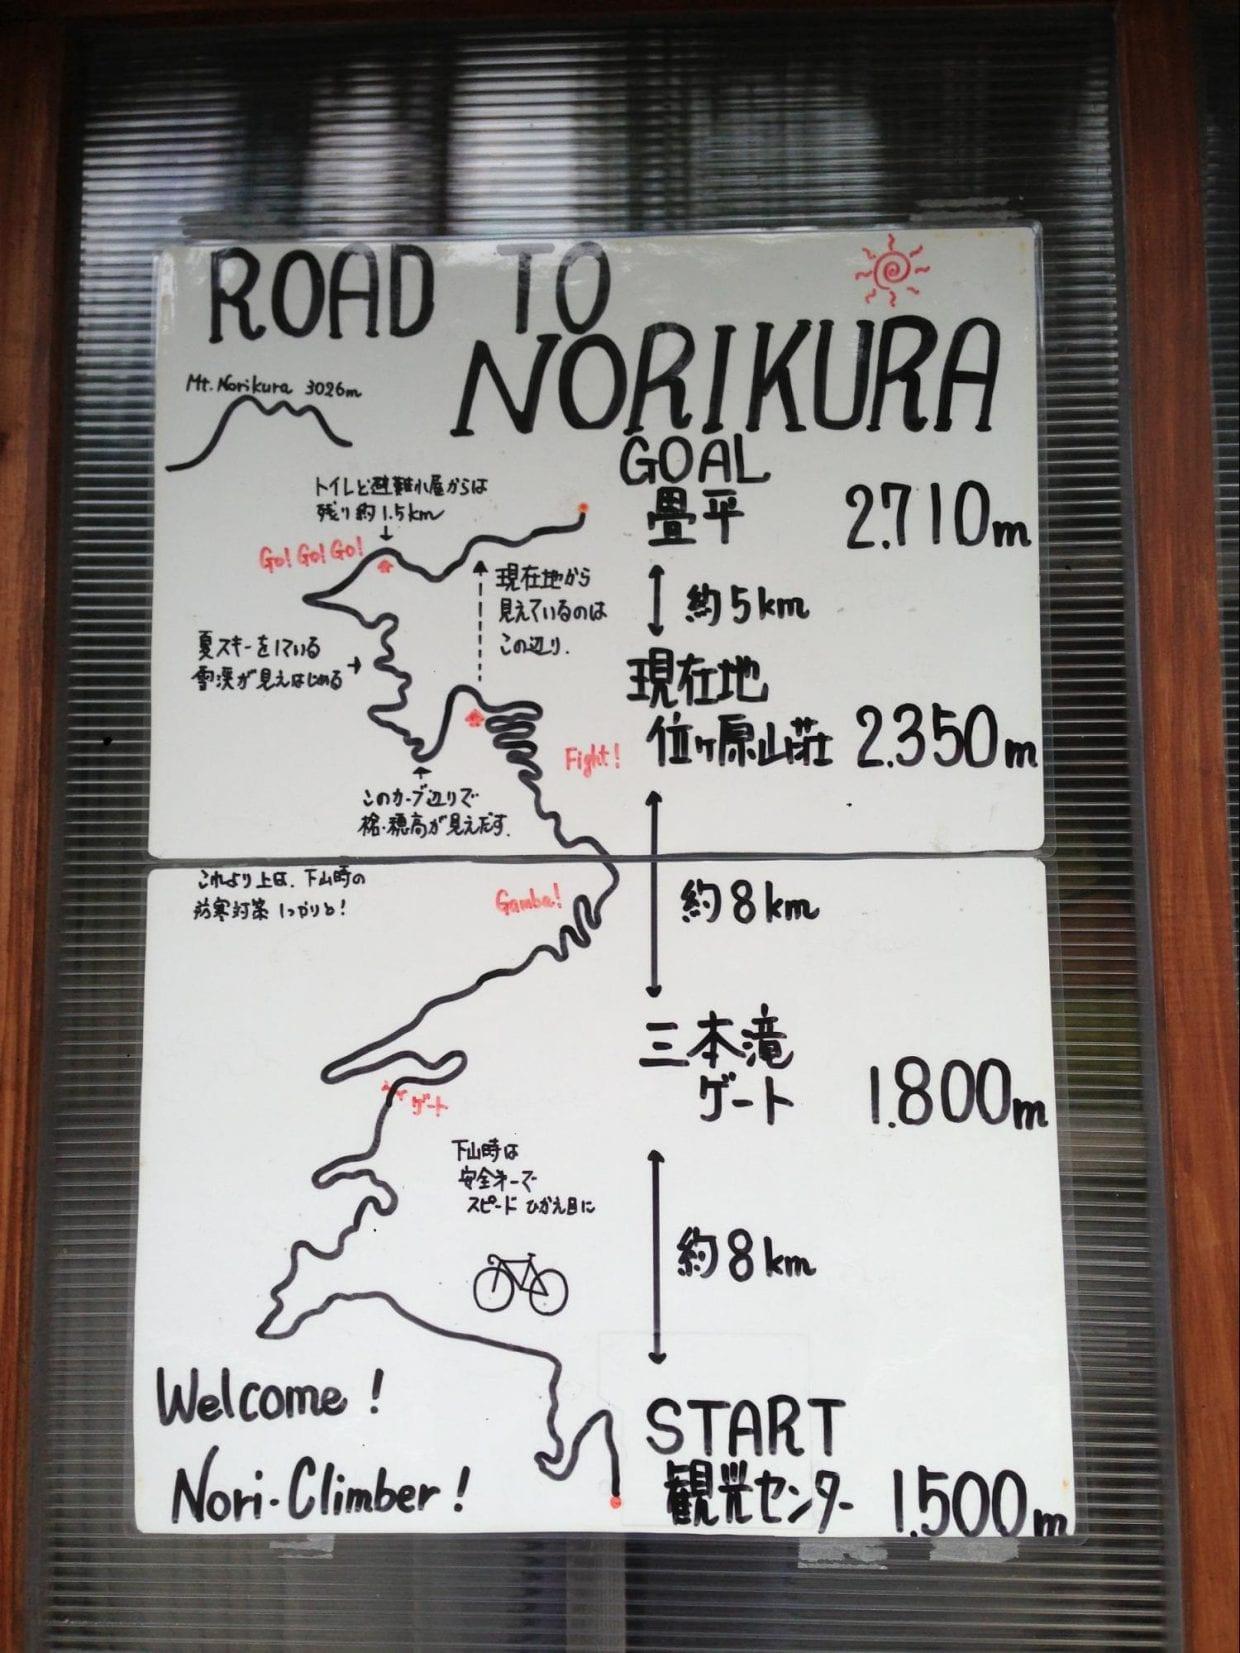 自転車乗り目線で書かれた優しい地図(出典:位ヶ原山荘)